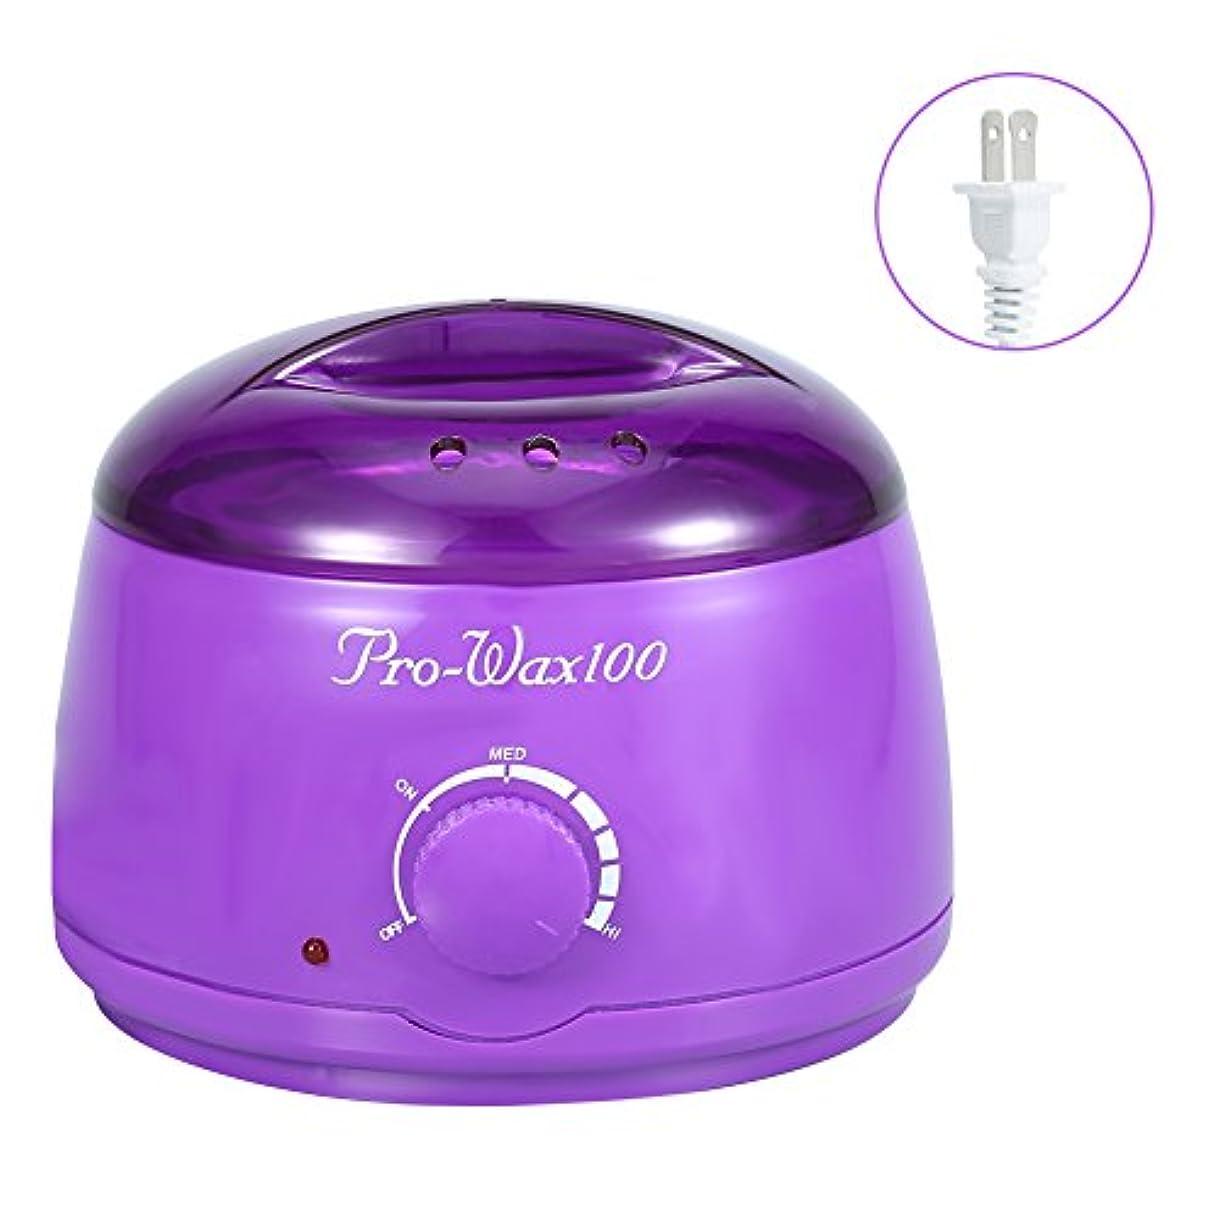 ワックス脱毛ワックスヒーター+ 4 x 100g異なるワックス豆+ 10個ワックススティックプロフェッショナルワックス脱毛セット(紫色)